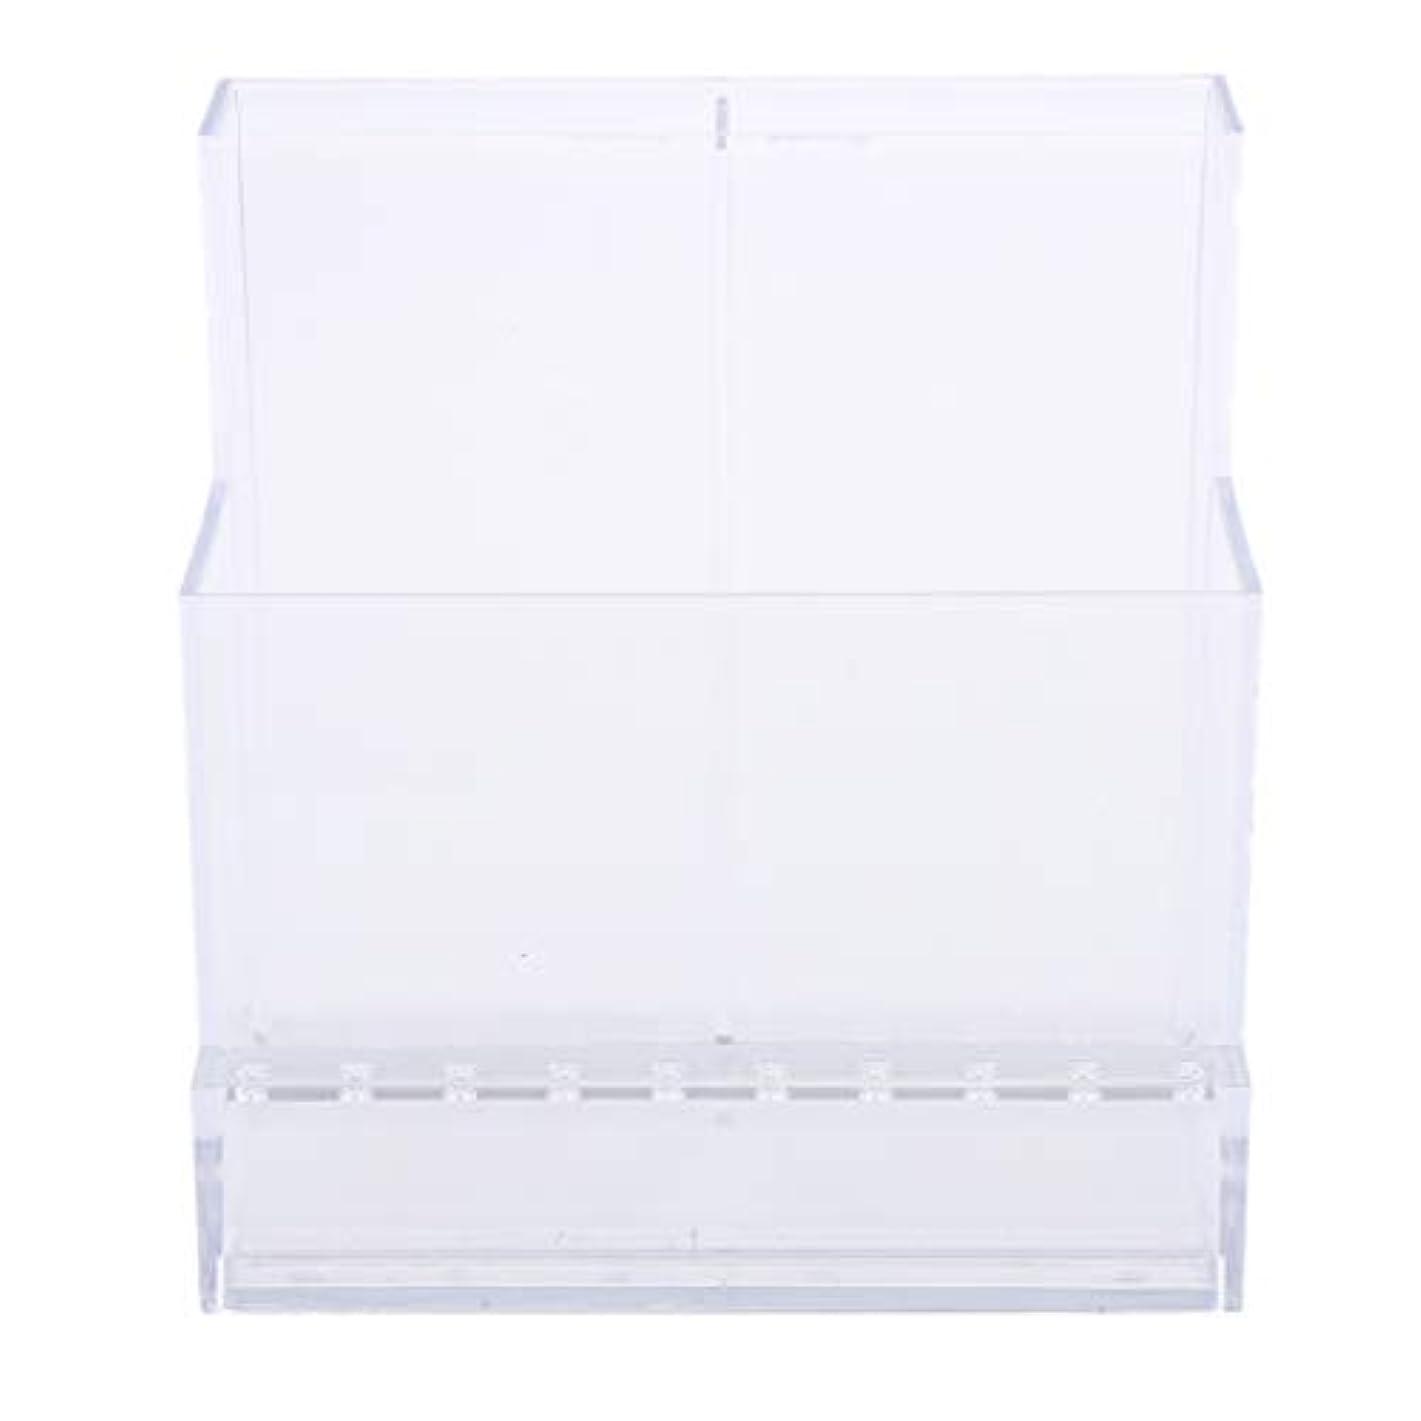 余剰空白眩惑するネイルアート ドリルビットホルダー スタンド ディスプレイボックス ネイルサロン 収納ボックス 2色選べ - クリア